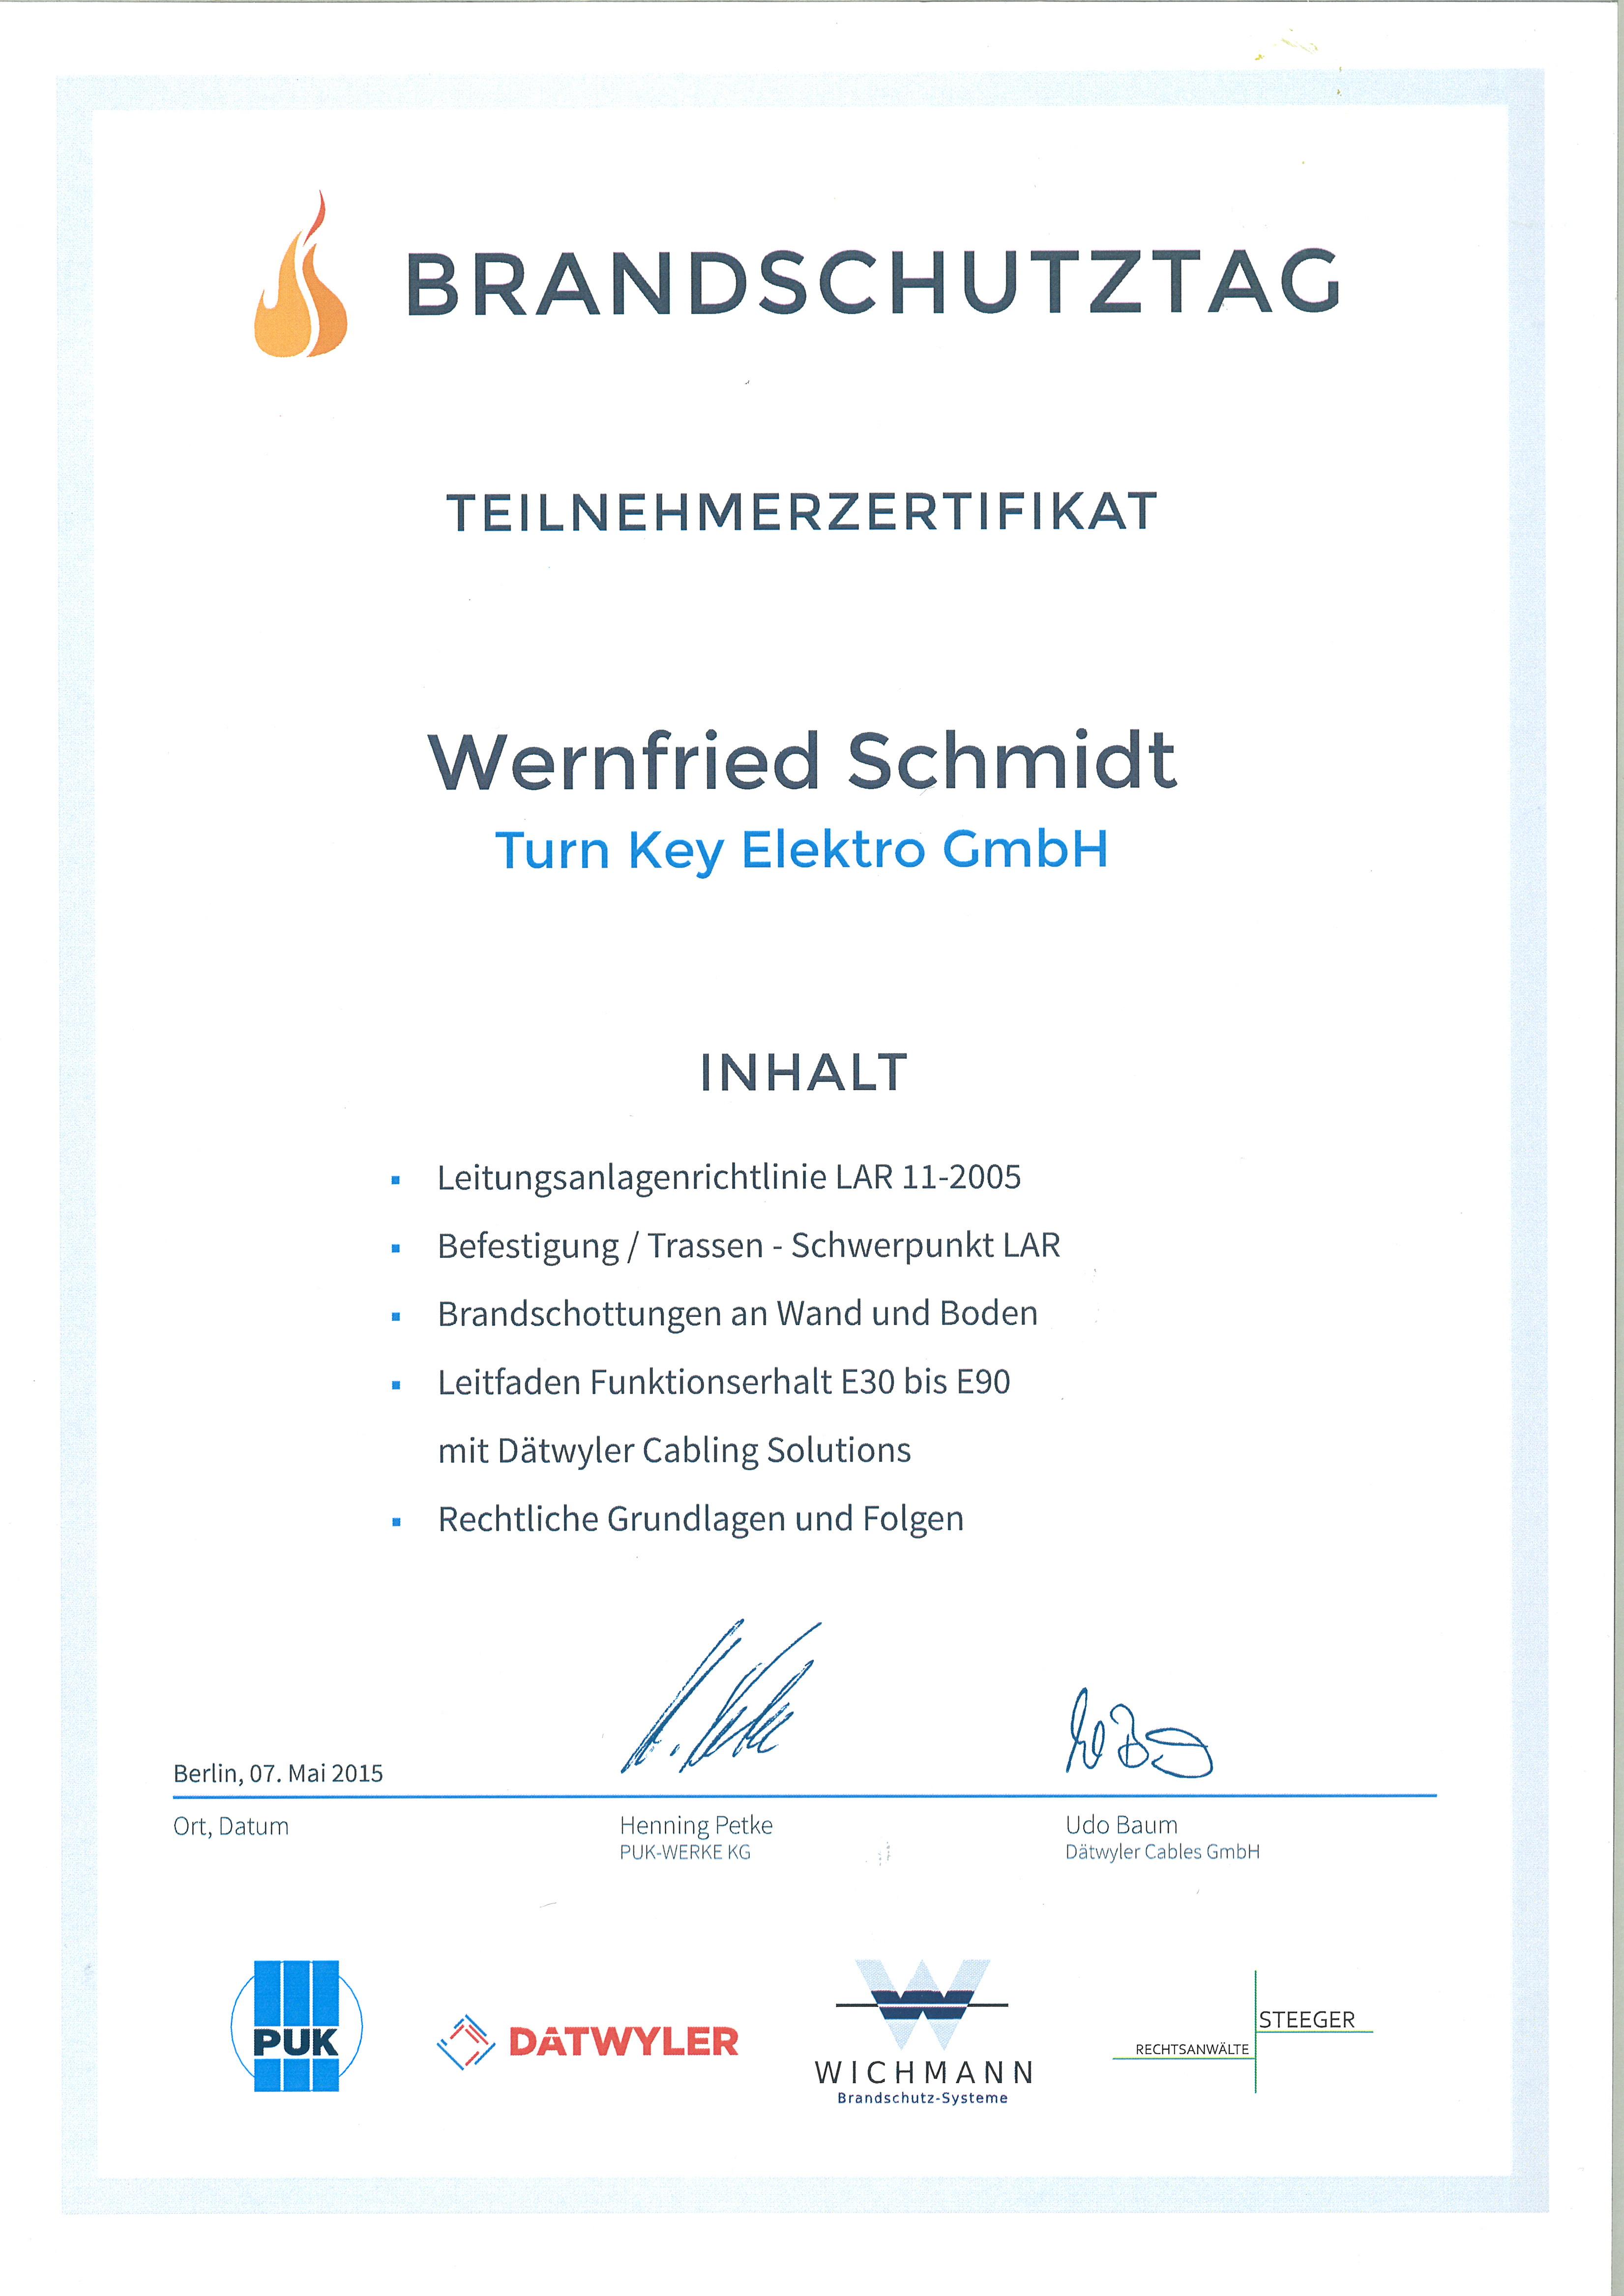 Brandschutztag W. Schmidt